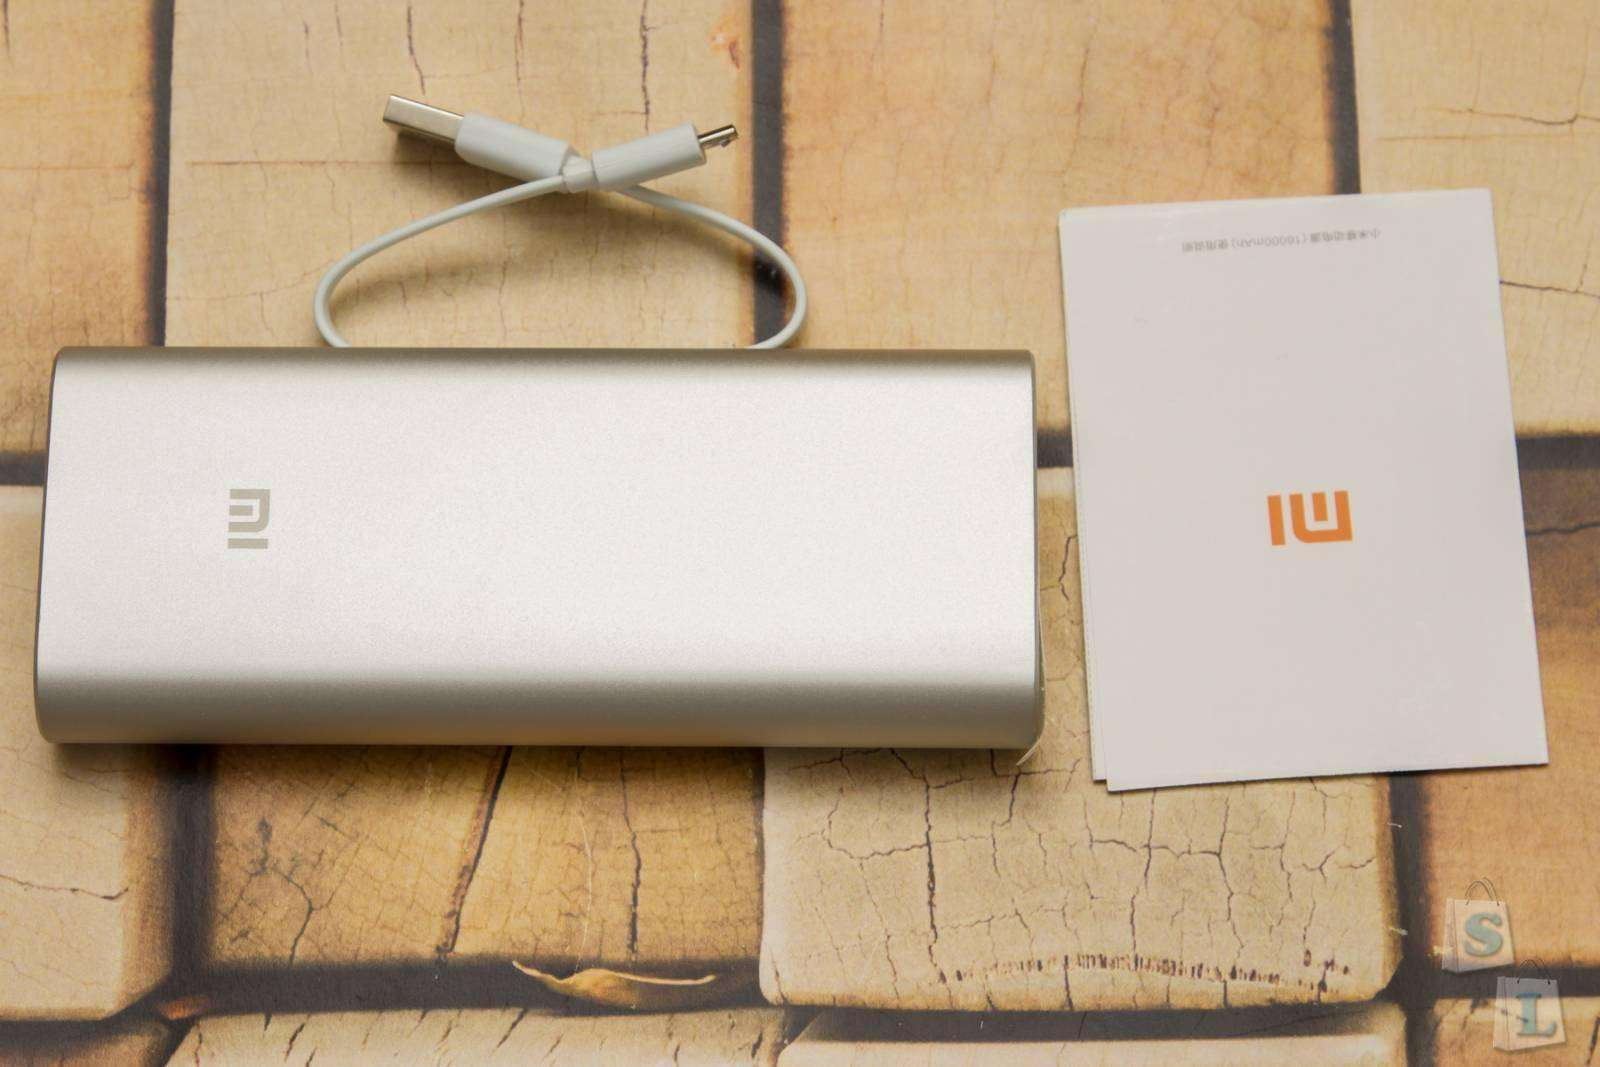 GearBest: Обзор и тестирование павербанка Xiaomi 16000mAh